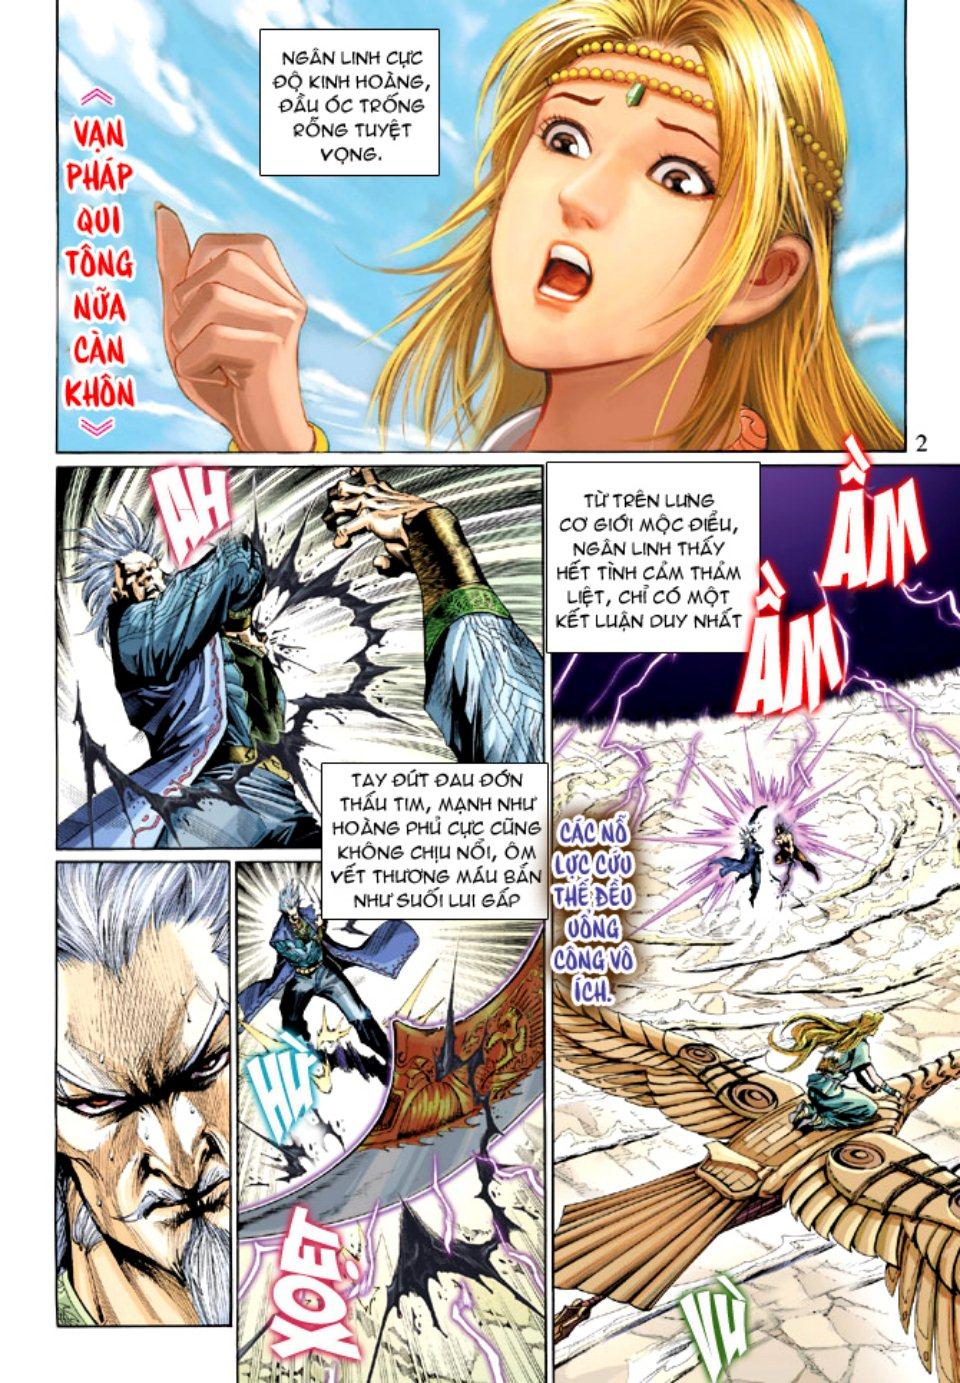 Thiên Tử Truyền Kỳ 5 - Như Lai Thần Chưởng chap 214 - Trang 3